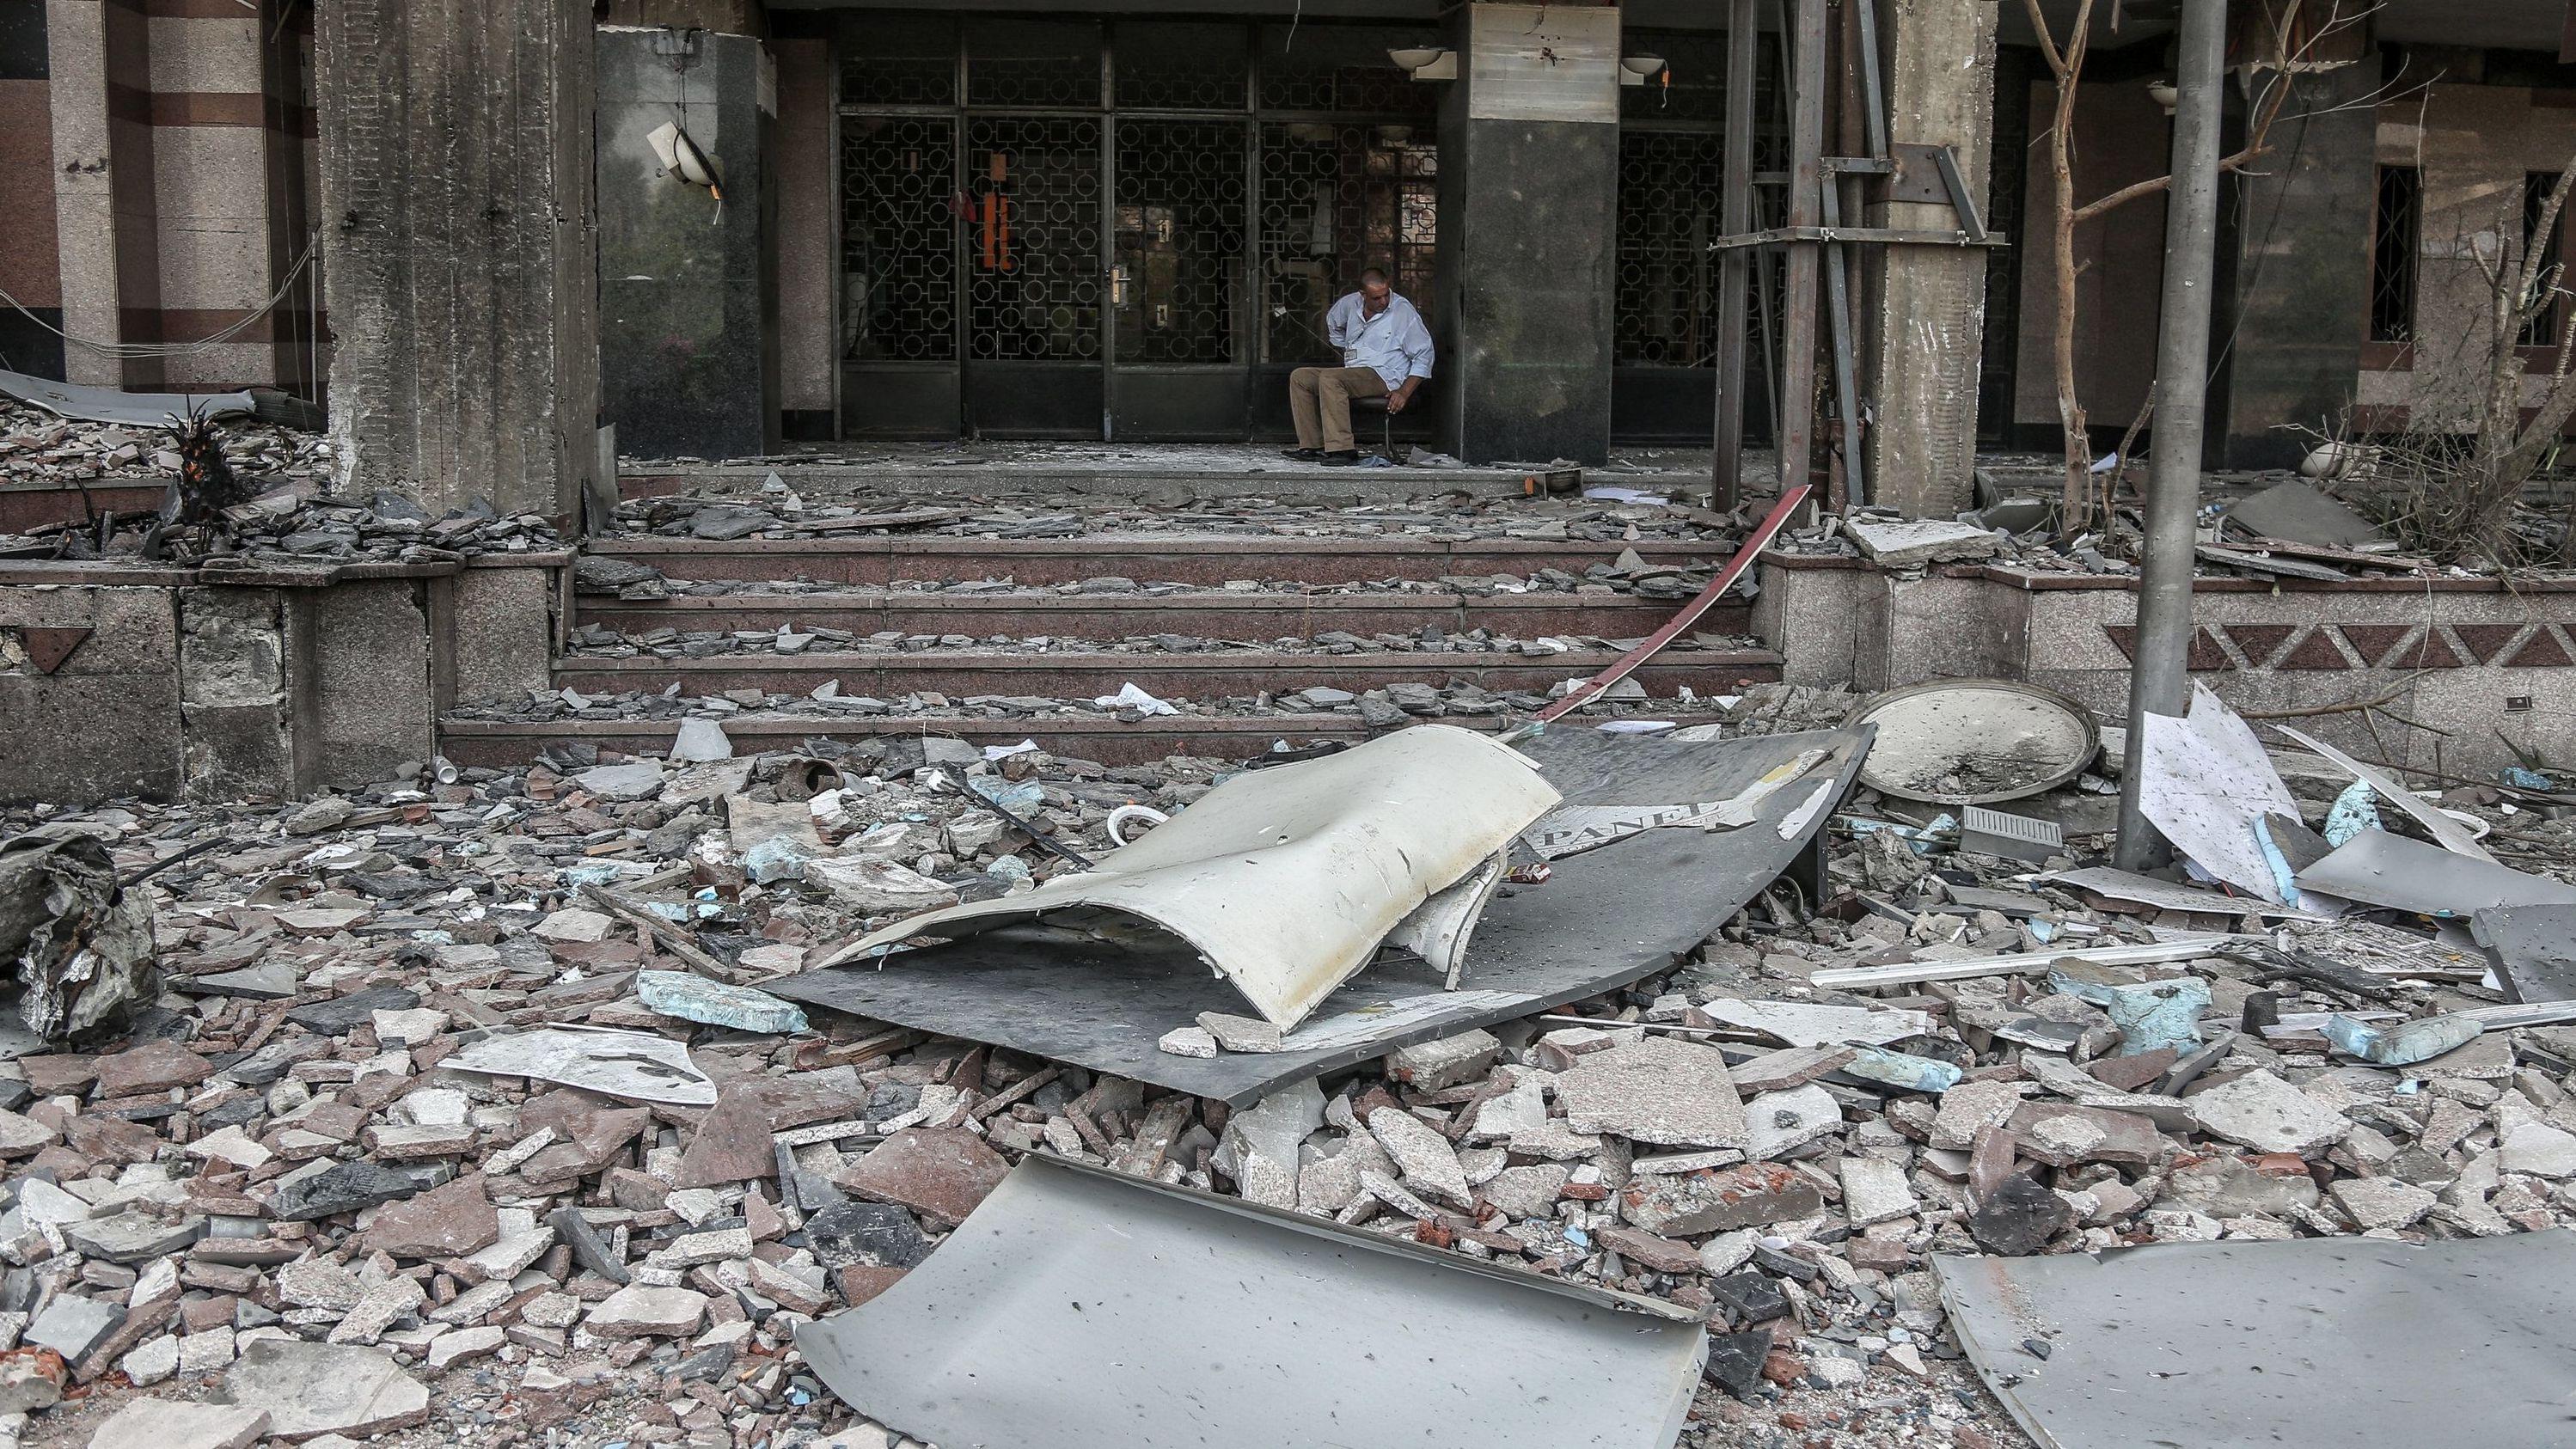 Ein Geisterfahrer ist auf einer Schnellstraße in Kairos Innenstadt mit drei Autos zusammengestoßen und hat eine schwere Explosion ausgelöst.